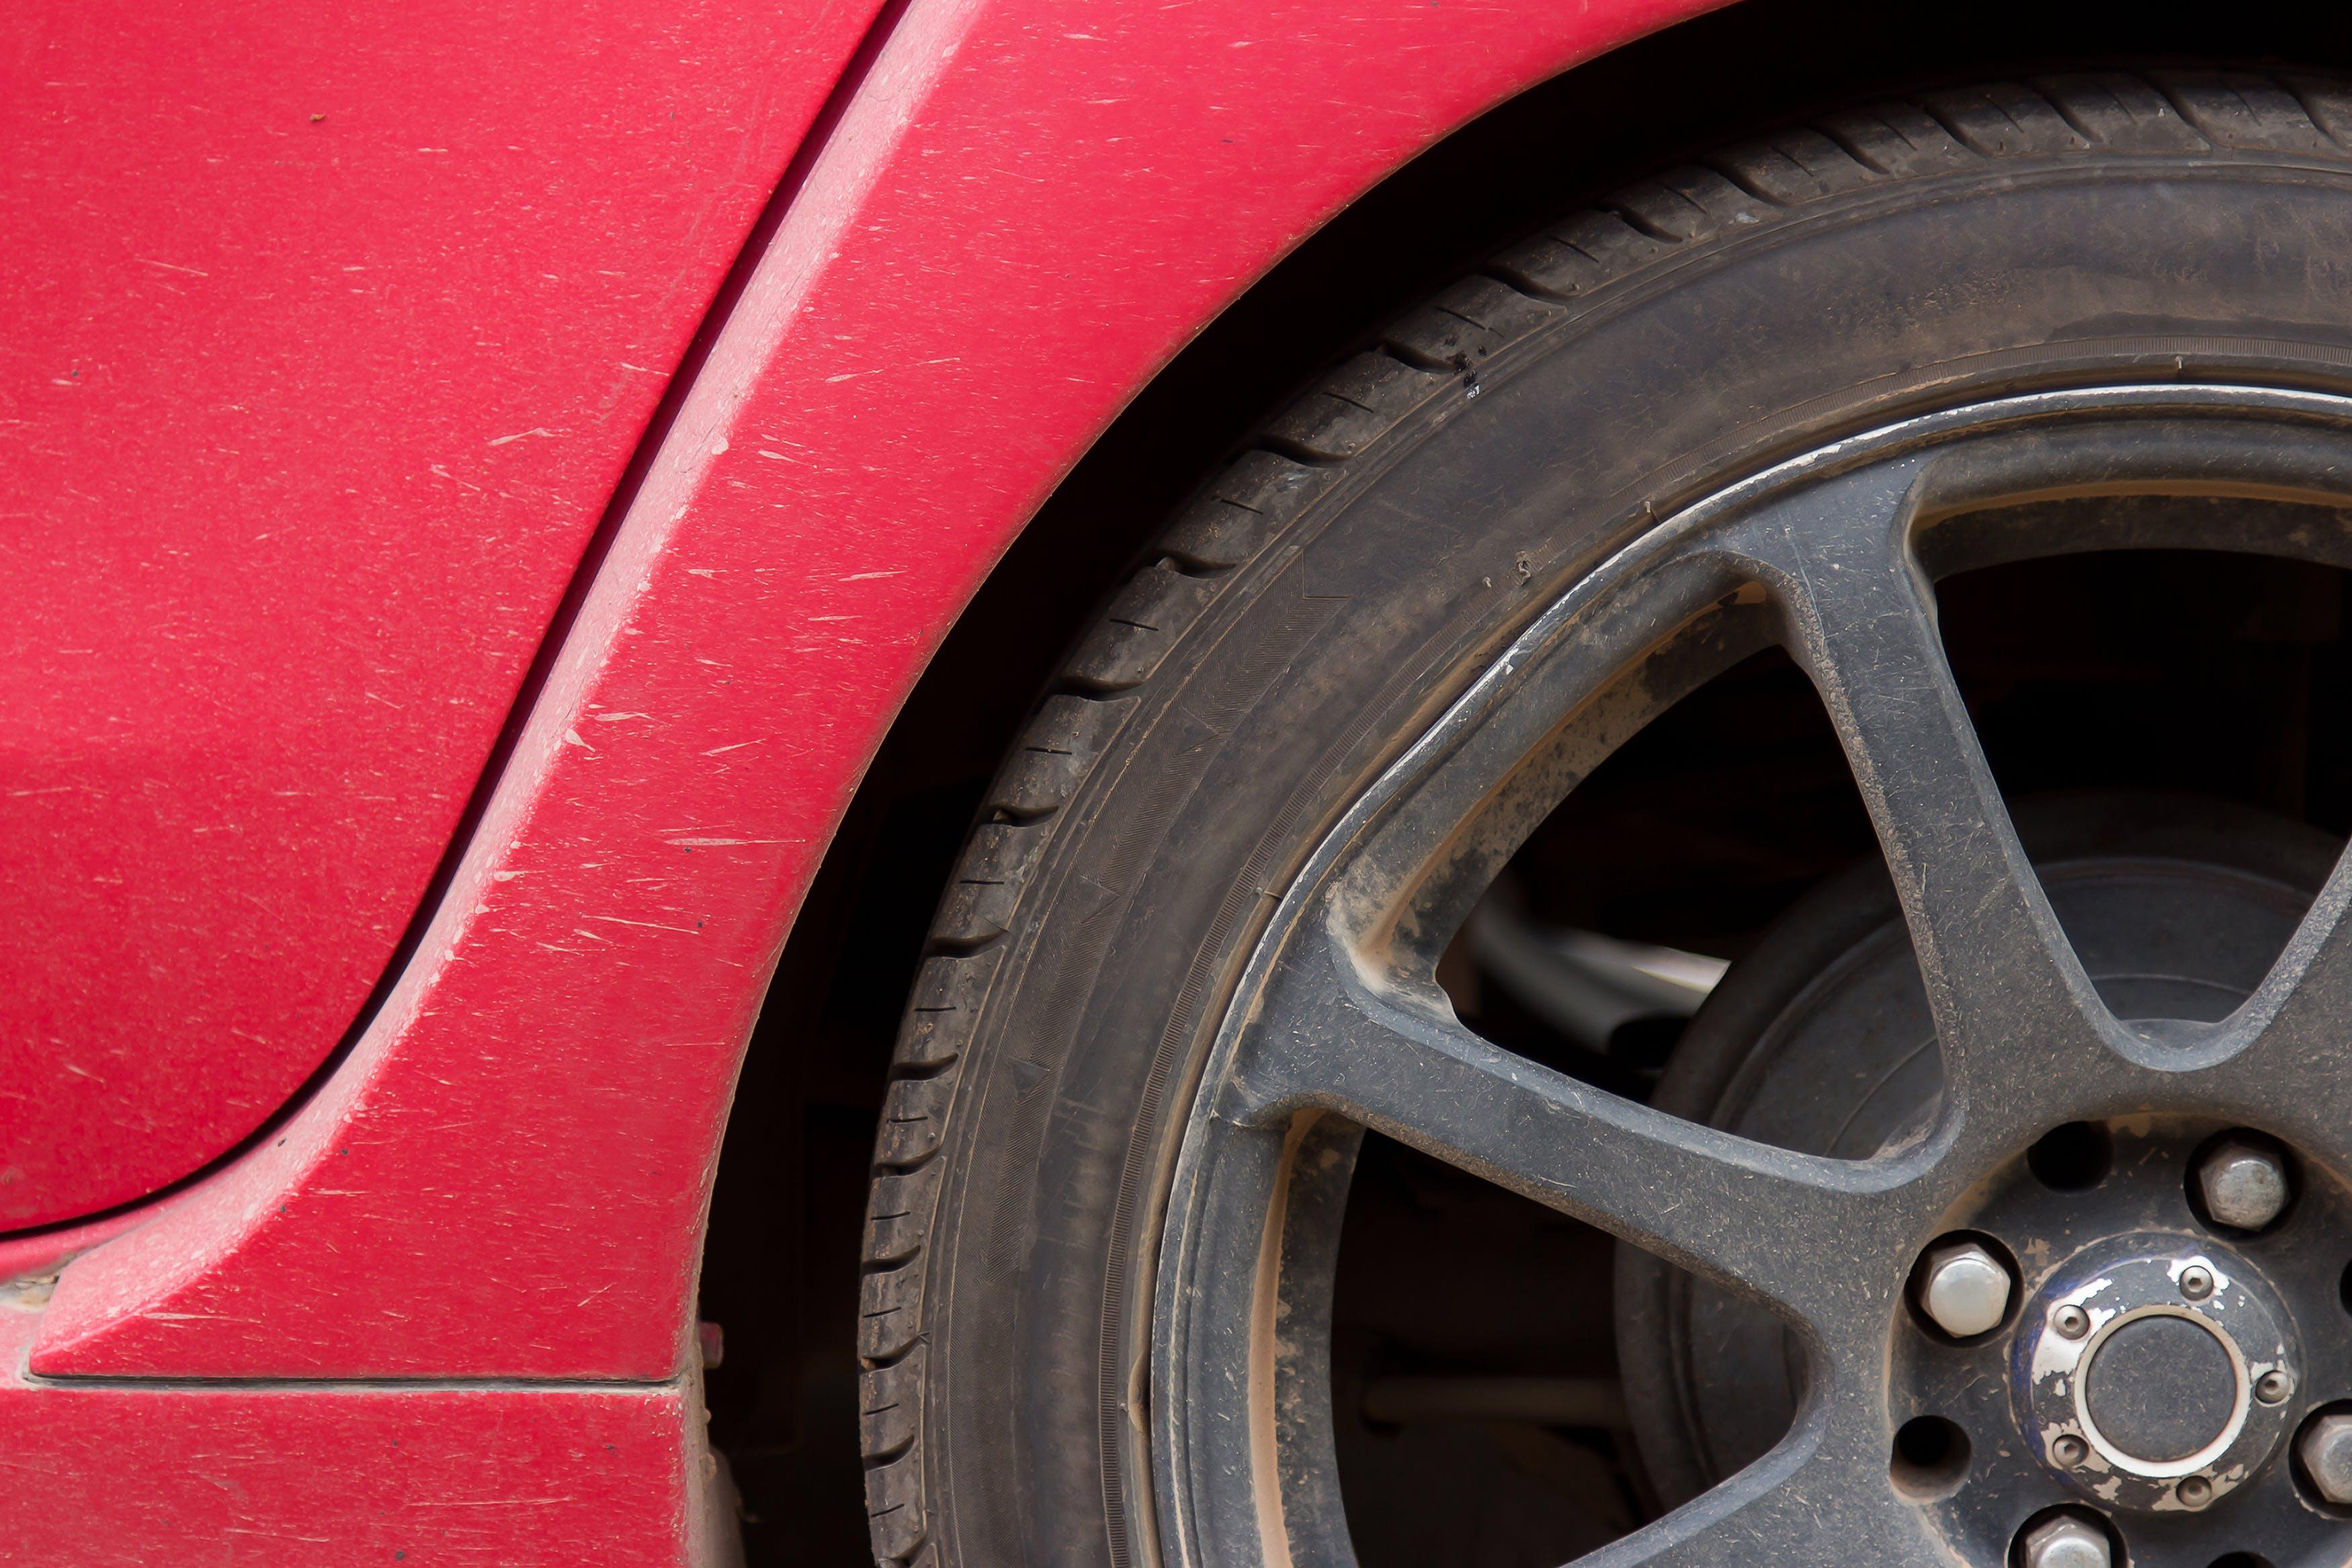 Fotos de stock gratuitas de aparcado, áspero, automotor, automóvil